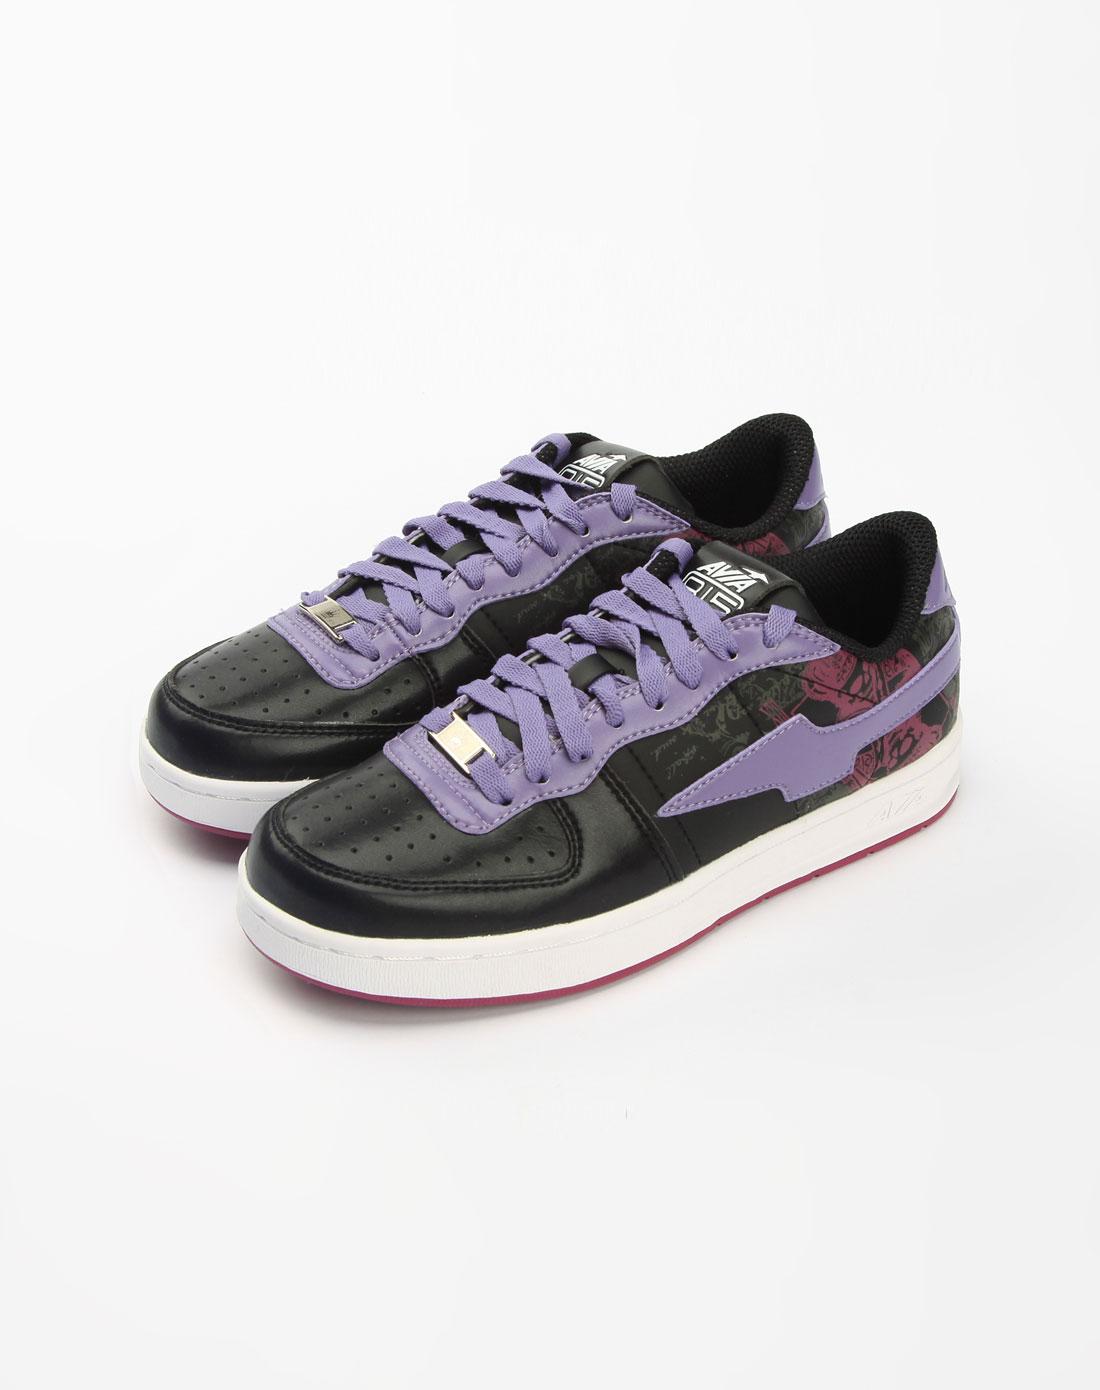 女款黑/紫/白色休闲运动鞋